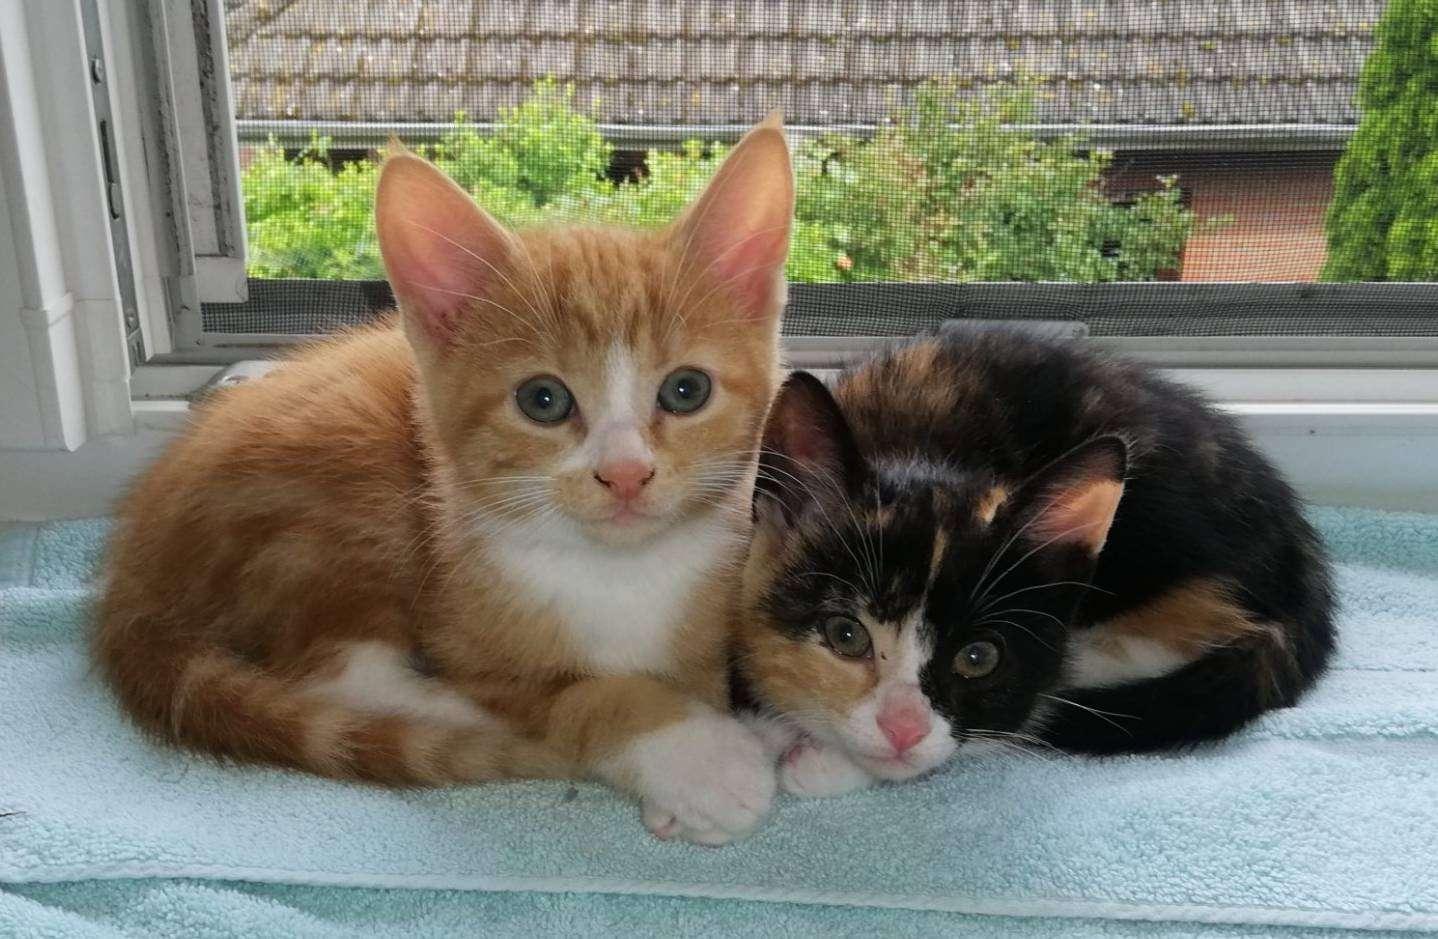 Die Geschwister Rufus und Rhianna sind in liebevolle Hände abzugeben, genau wie ihre vier Geschwister.